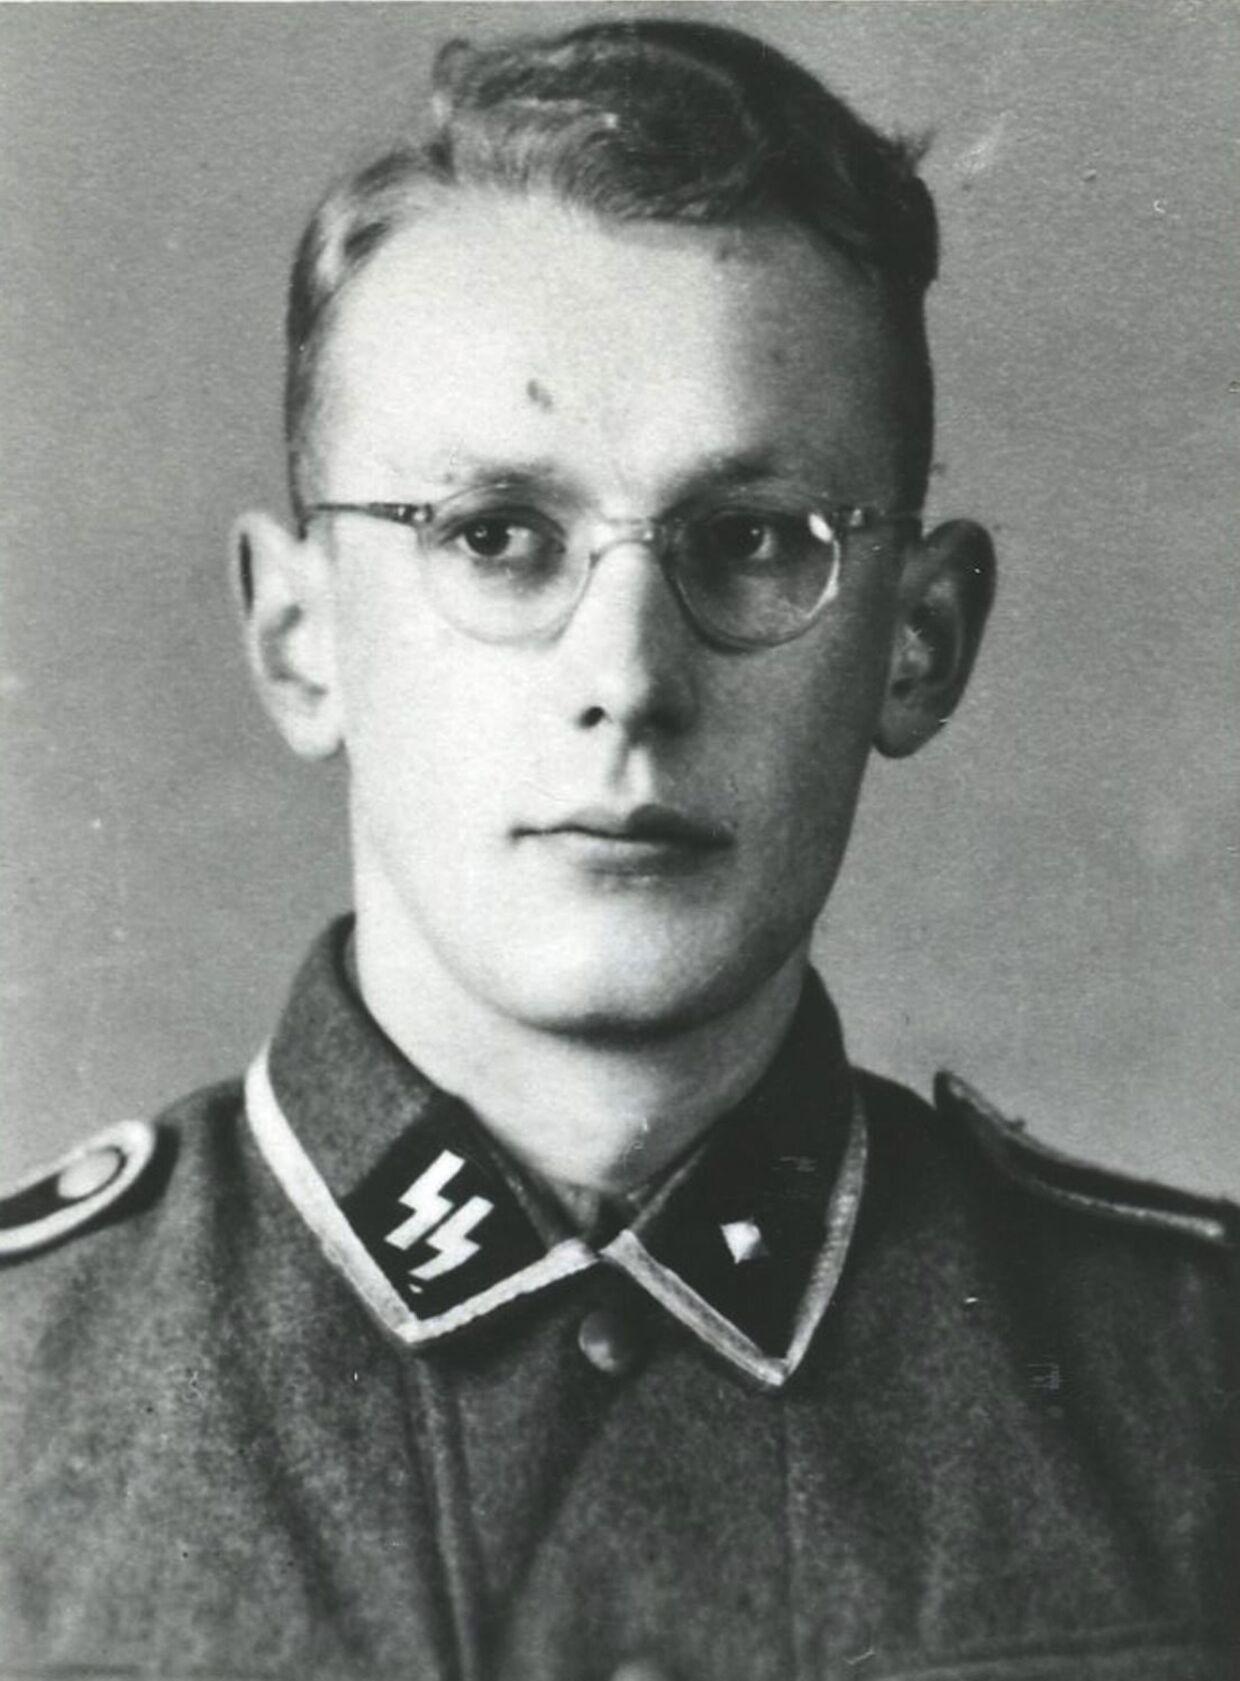 Under krigen meldte Oskar Gröning sig frivilligt til nazisternes fanatiske SS-elitekorps.